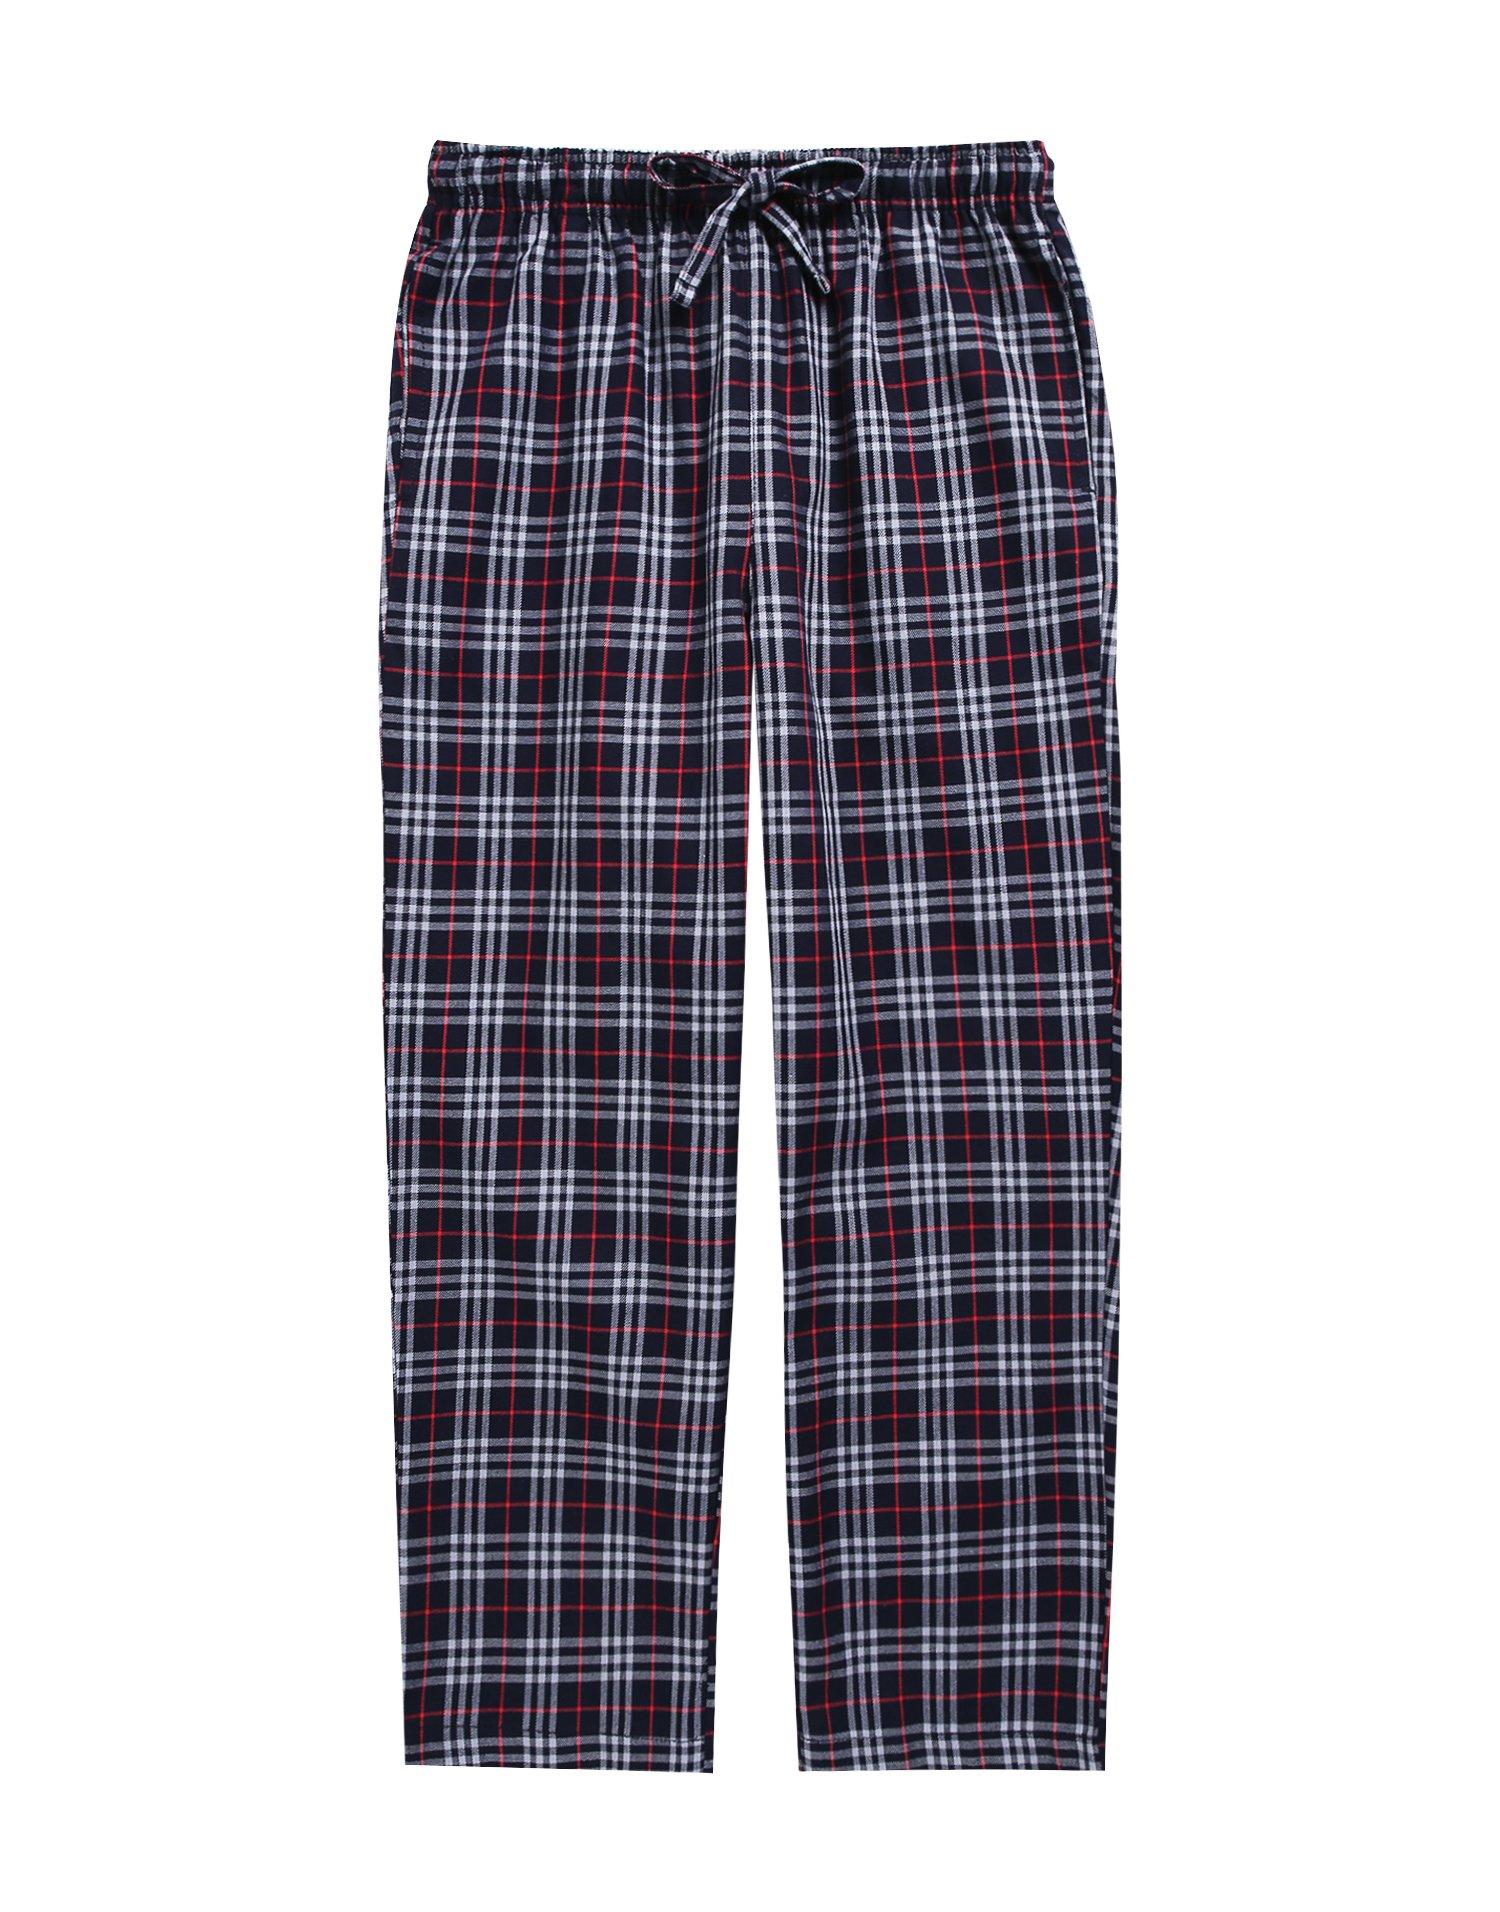 TINFL Boys Plaid Check Soft 100% Cotton Lounge Pants BLP-SB002-Darkgrey-M